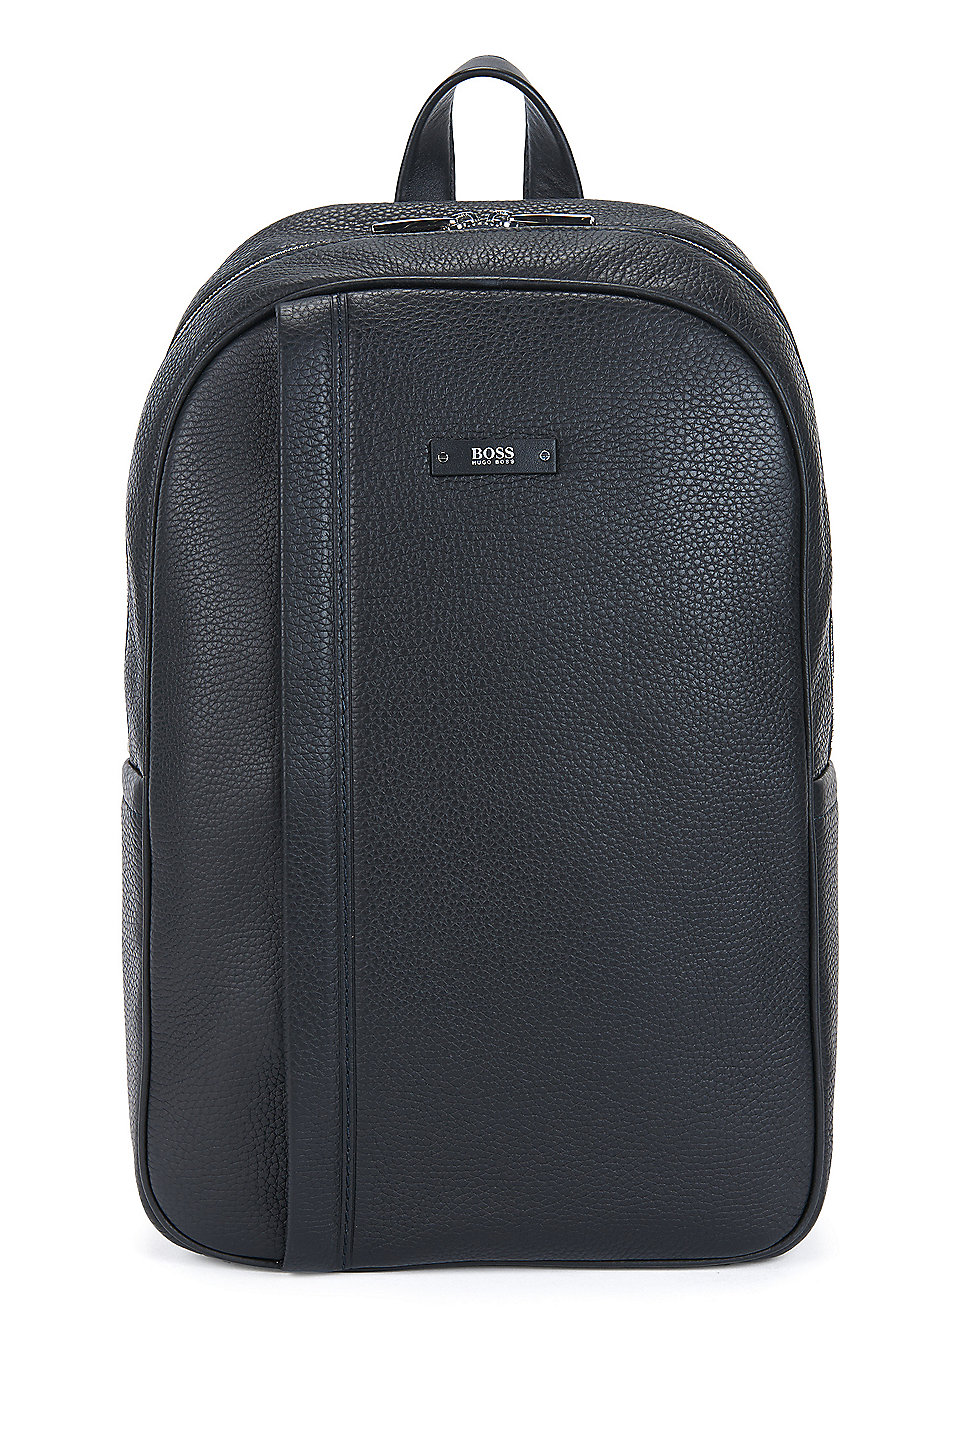 Boss Leather Backpack Traveller Backp N